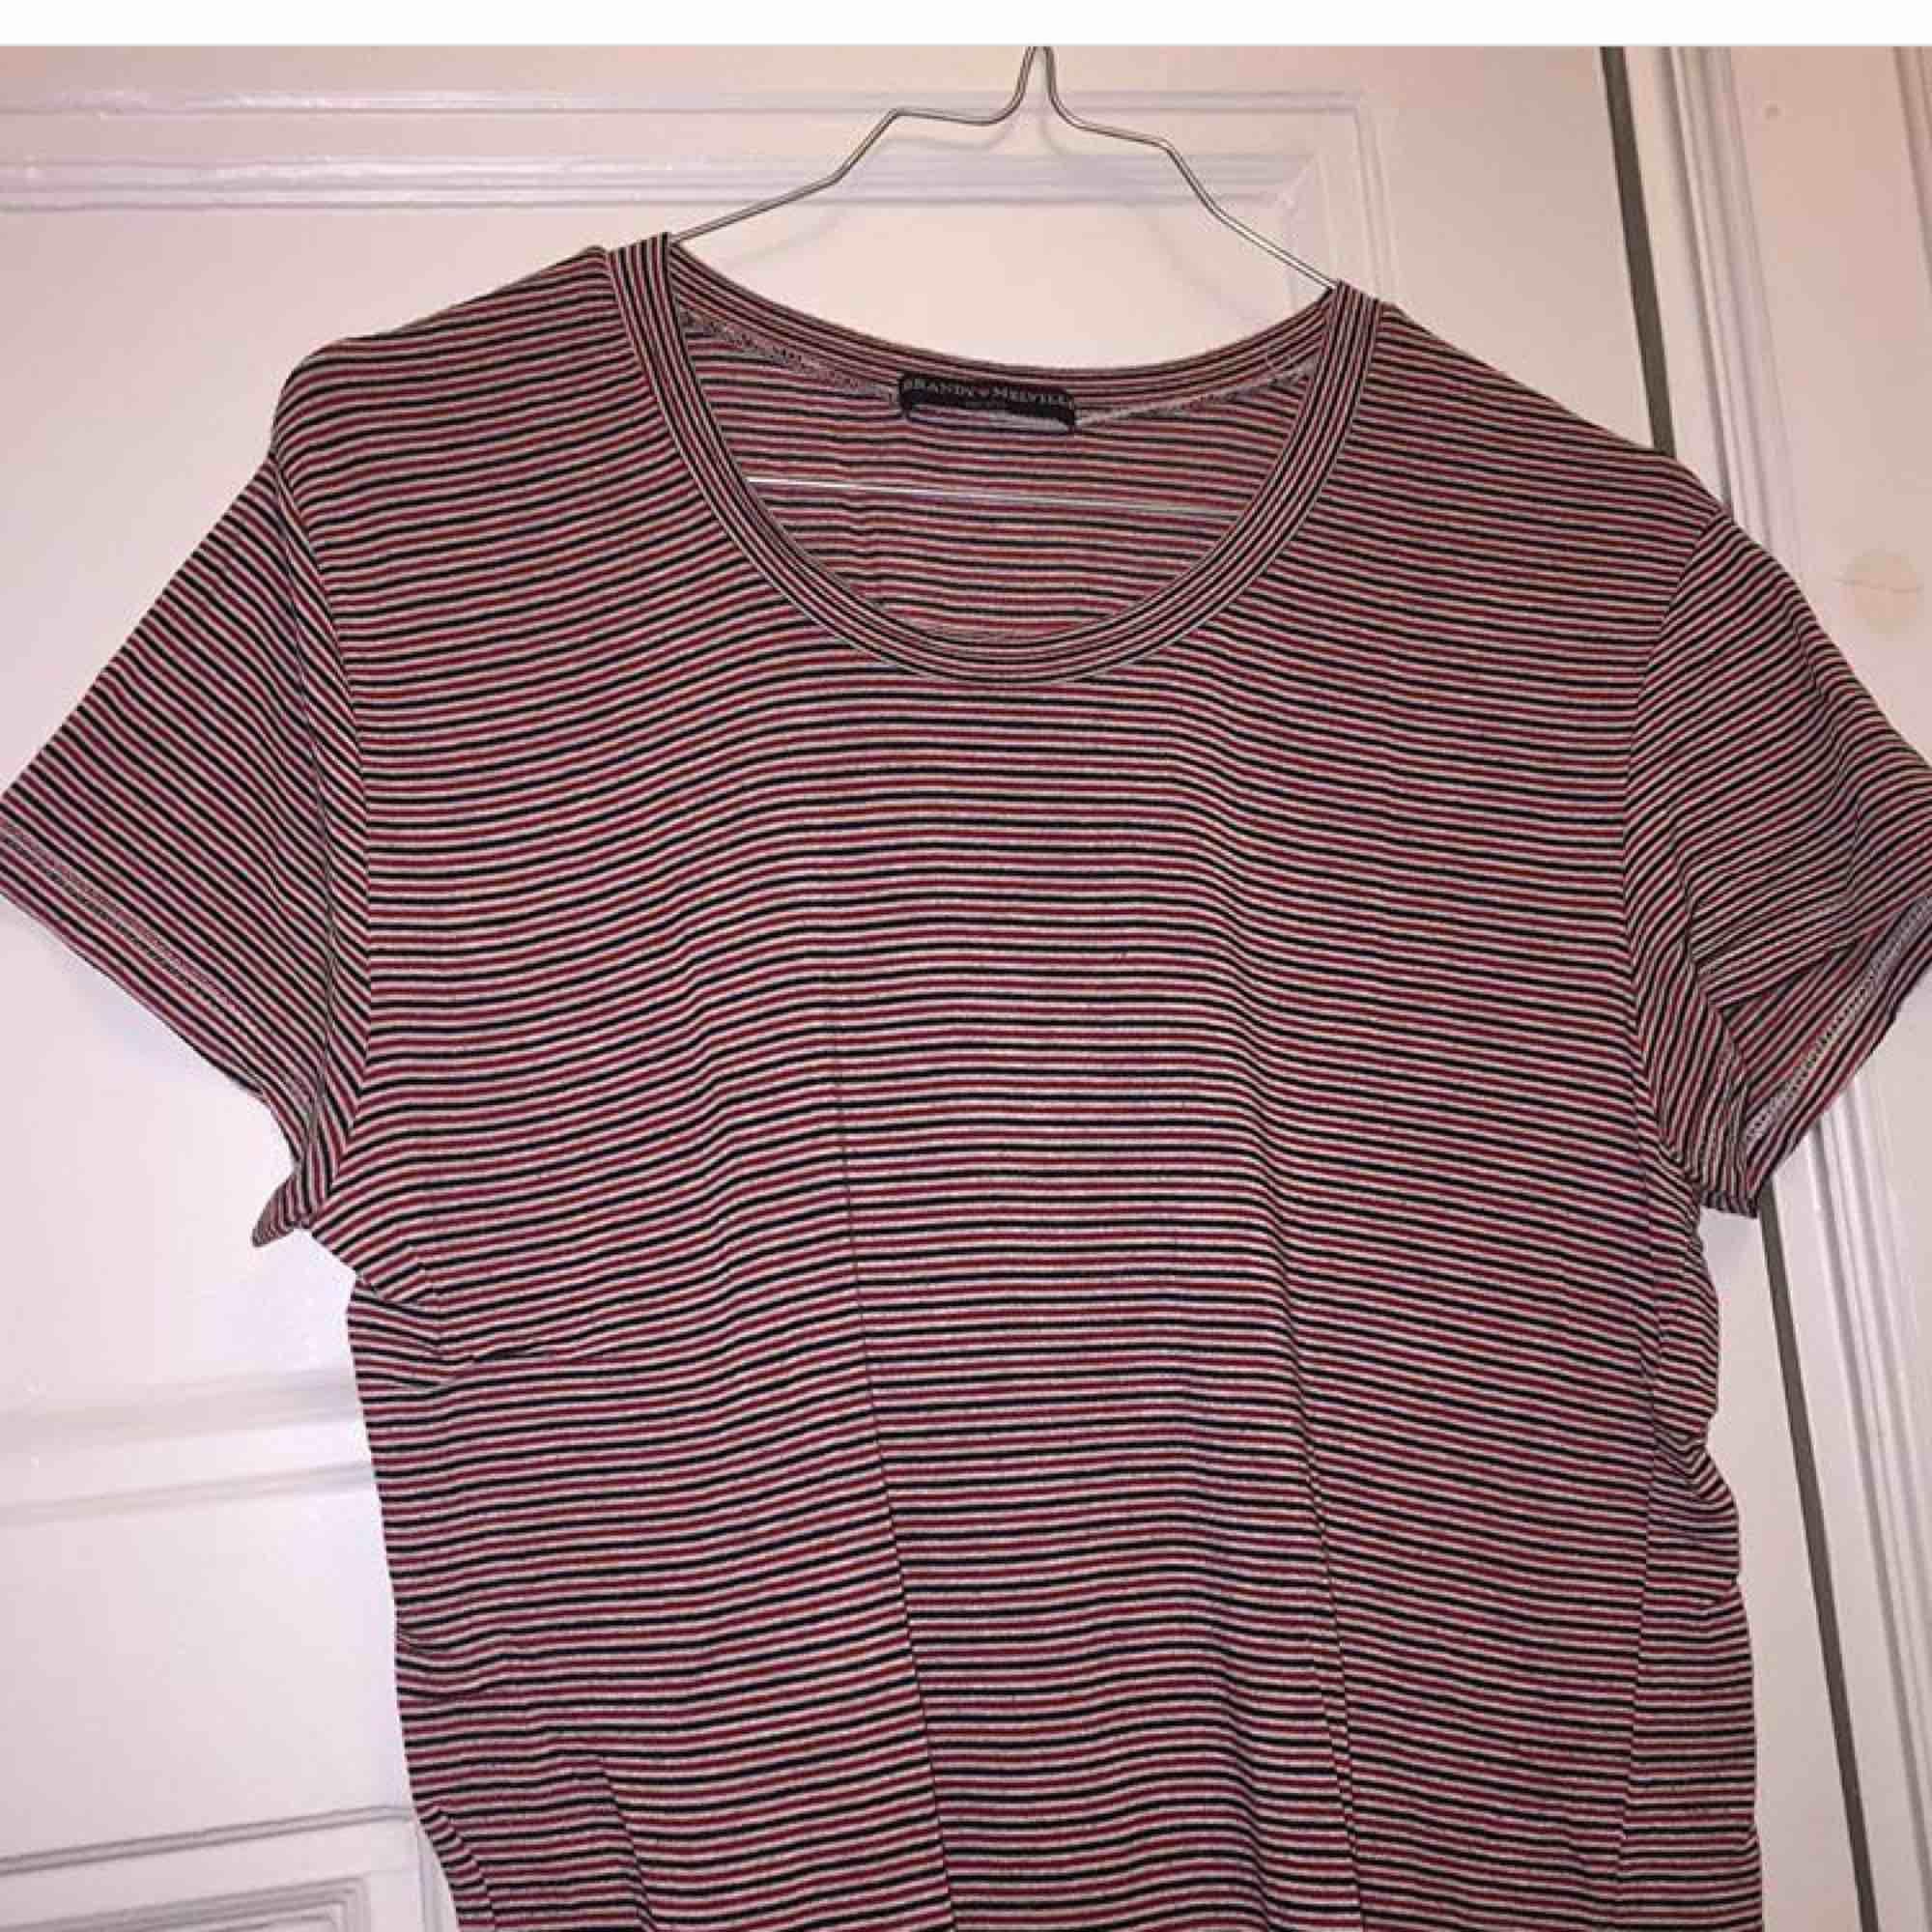 Randig tröja från Brandy melville Storlek onesize (stretchig) frakt tillkommer på 35kr😊. T-shirts.